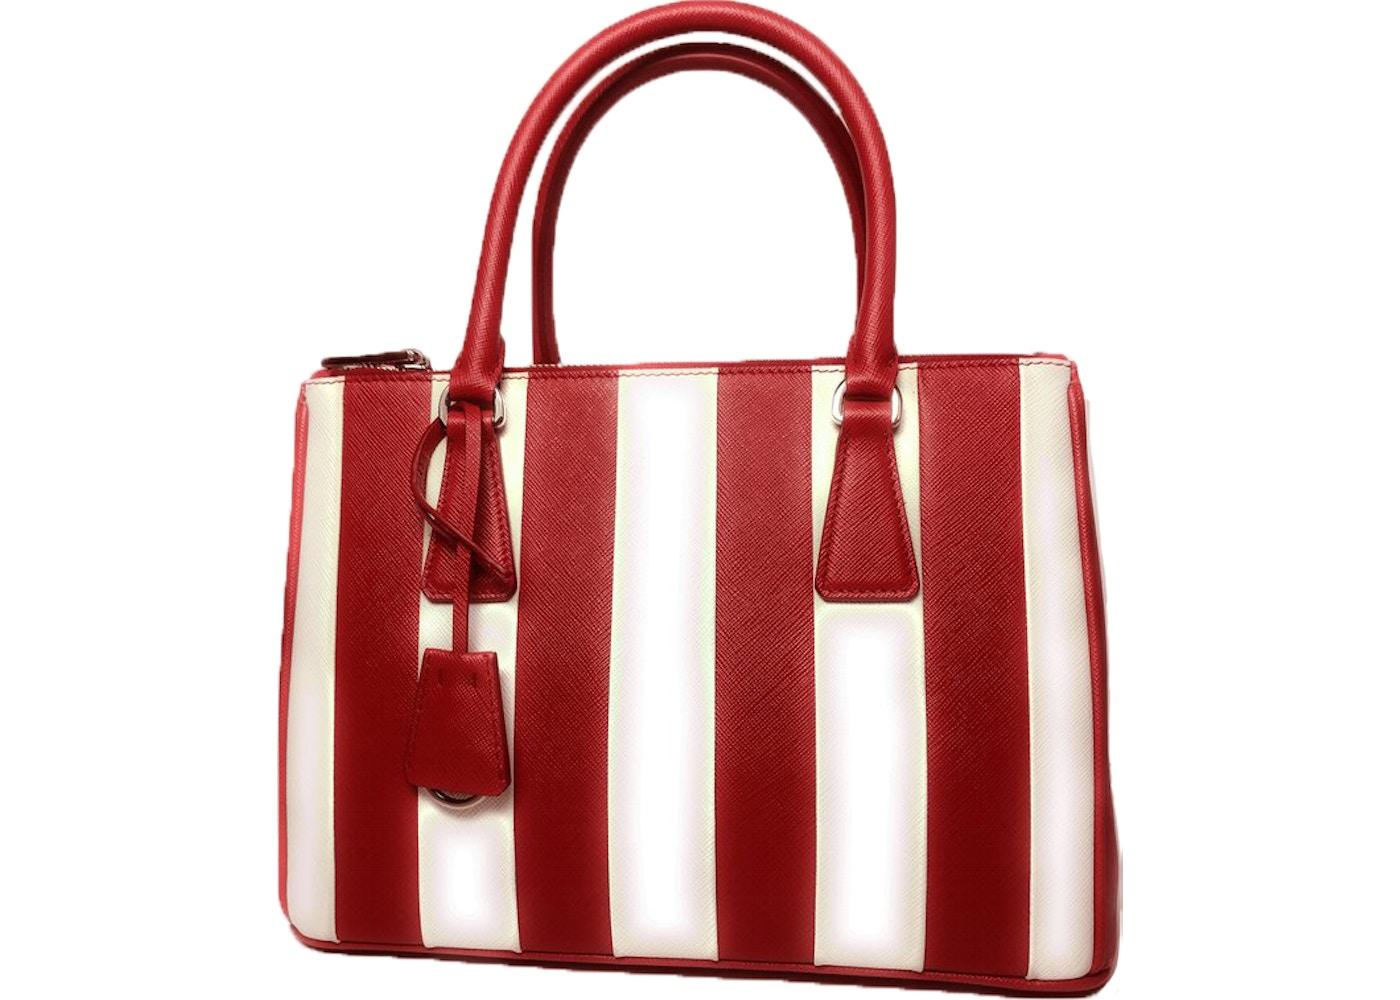 Prada Saffiano Galleria Handbag Red White